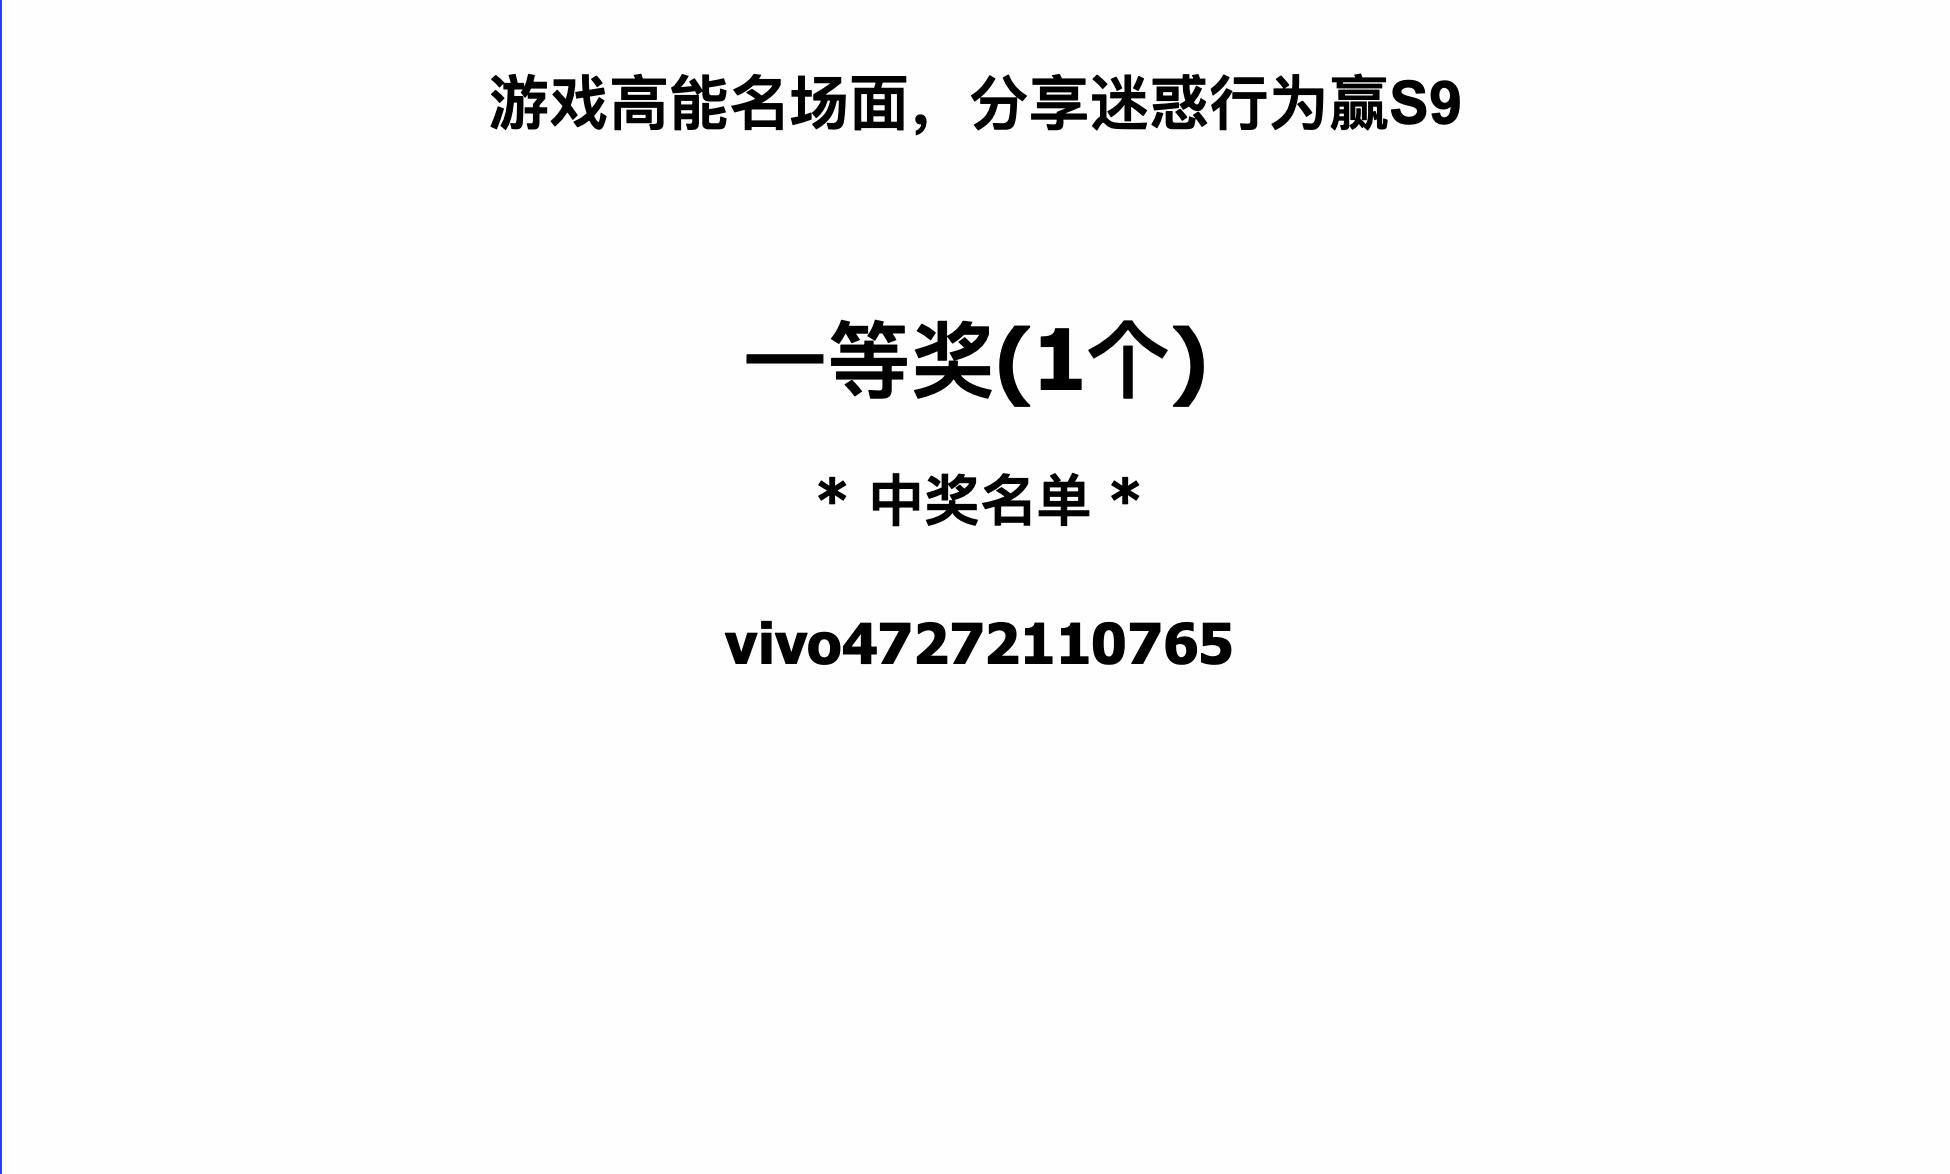 8dc65465025ec6a20d05b3bb0d612f5.png